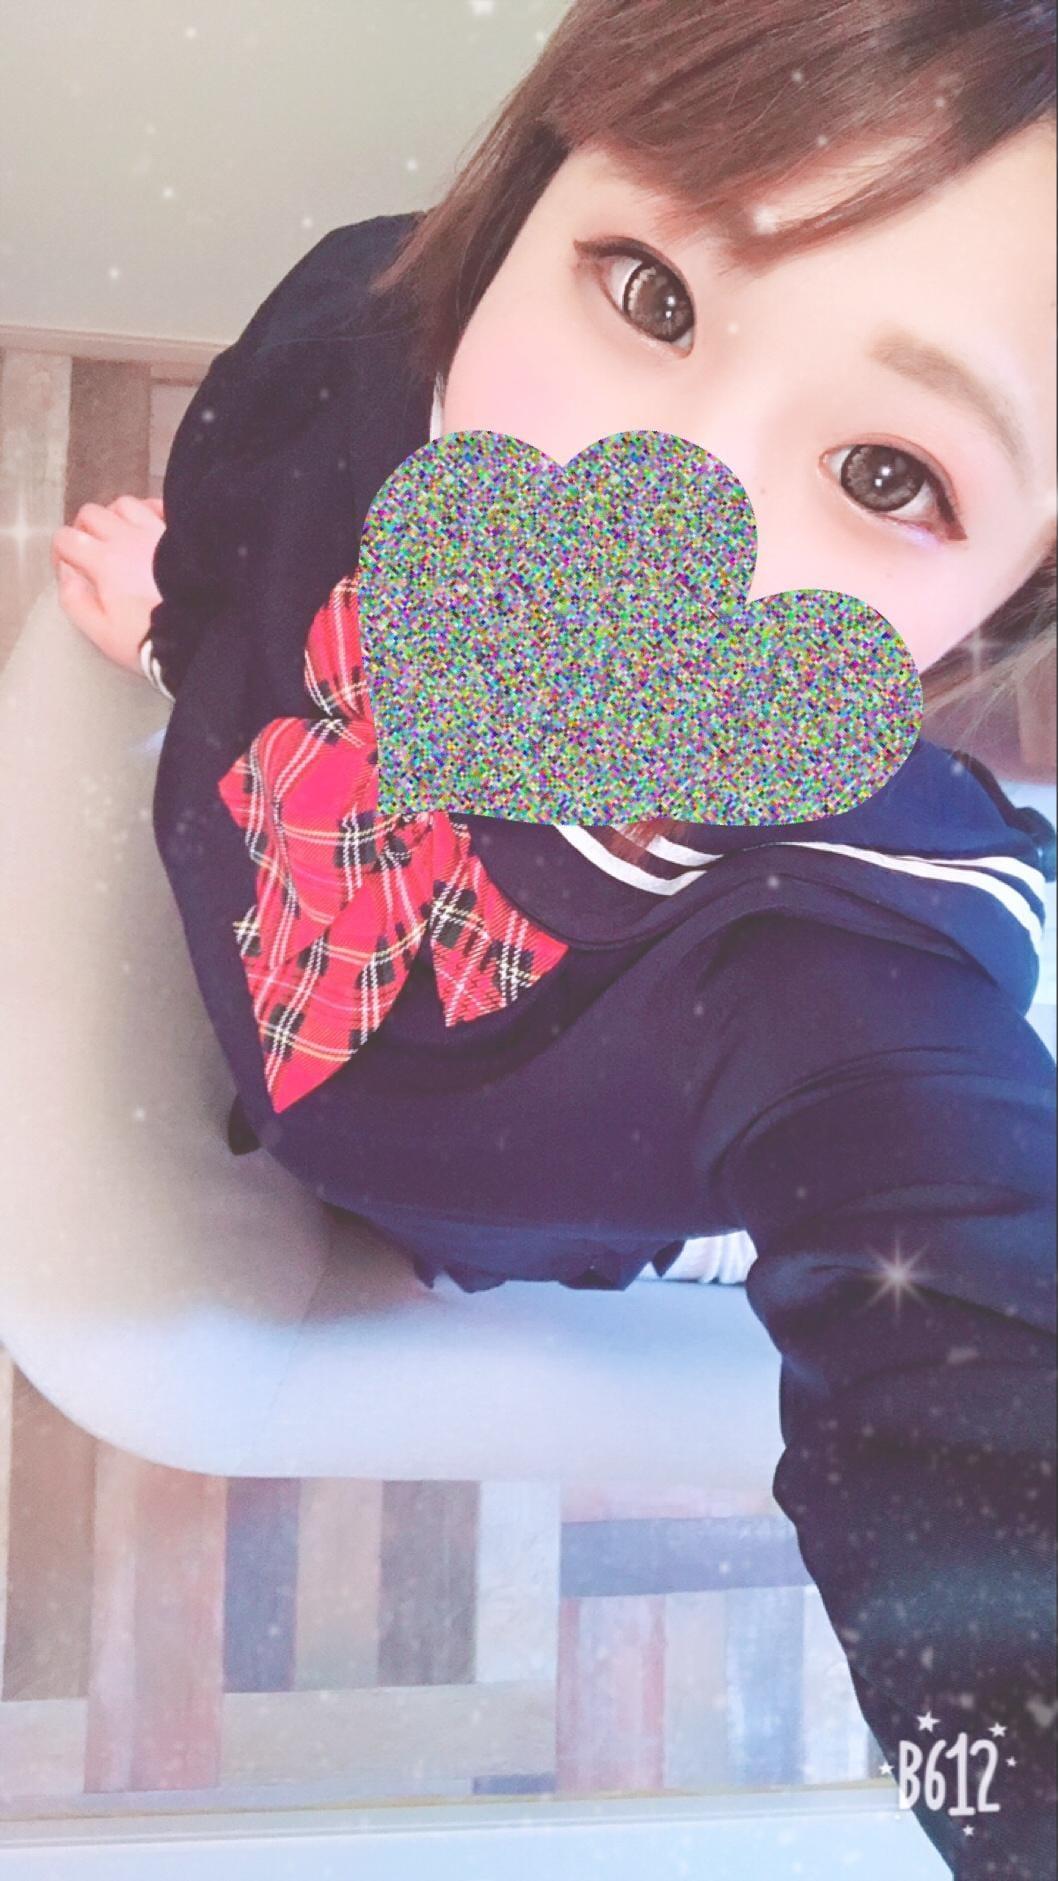 「就寝!!笑ありがと?」04/24(水) 05:21 | きゃれんの写メ・風俗動画